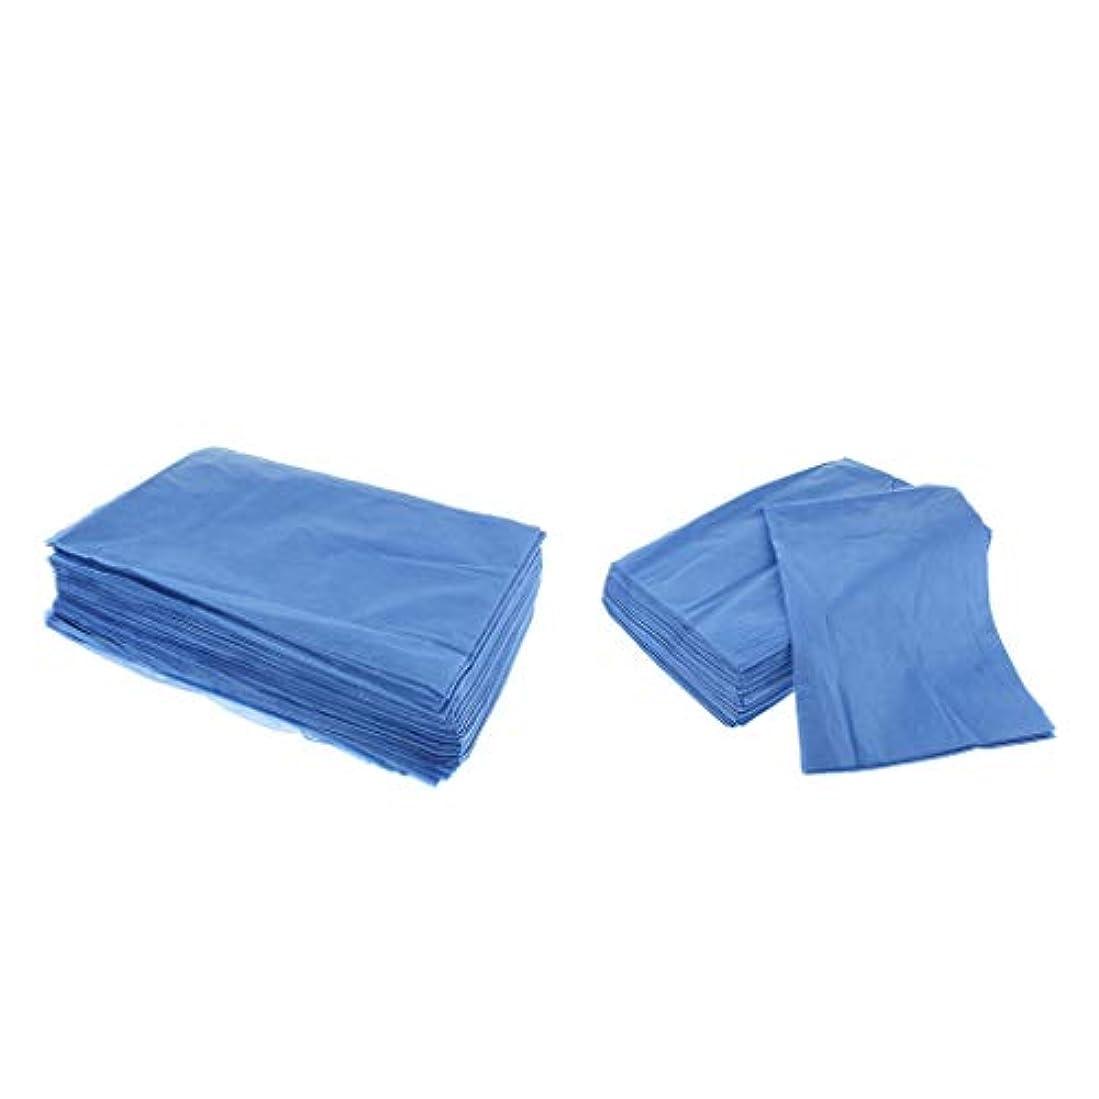 長くする申し立てる申し立てるdailymall 40ピース使い捨て防水美容マッサージサロンホテルベッドパッドカバーシート-ブルー-31.5 X 70.9インチ